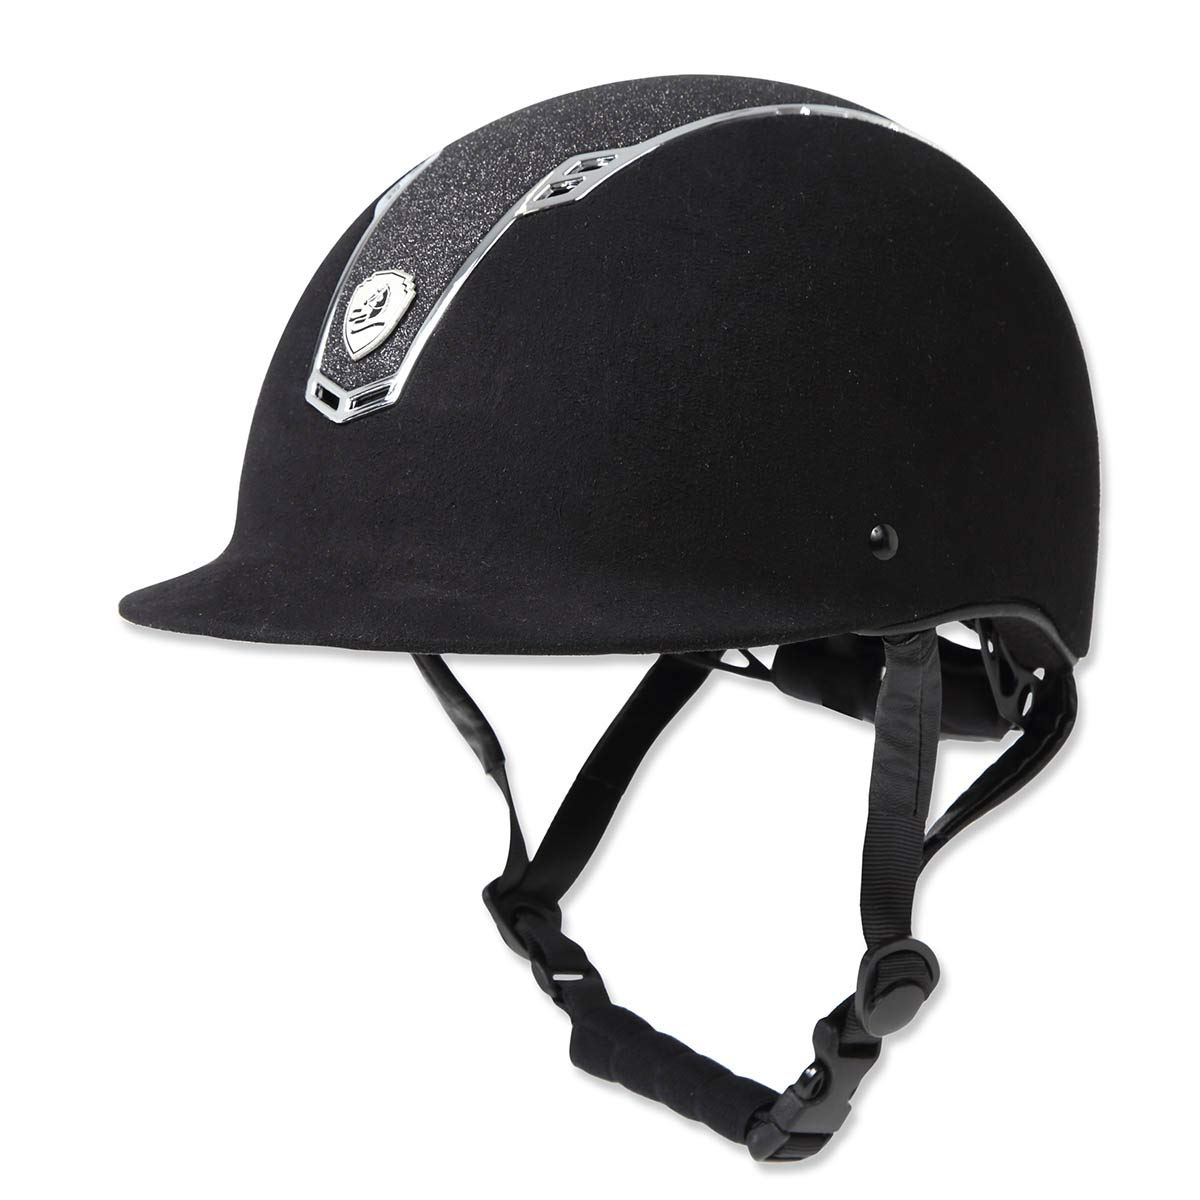 【オンライン限定商品】 乗馬 ヘルメット プロテクター 乗馬帽 帽子 EQULIBERTA 帽子 グリッターベルベット 乗馬用品 ダイヤル調整ヘルメット 乗馬用品 B07MJD8RRG 馬具 B07MJD8RRG Small ブラック/メタルシルバー ブラック/メタルシルバー Small, カミフクオカシ:420b1490 --- svecha37.ru